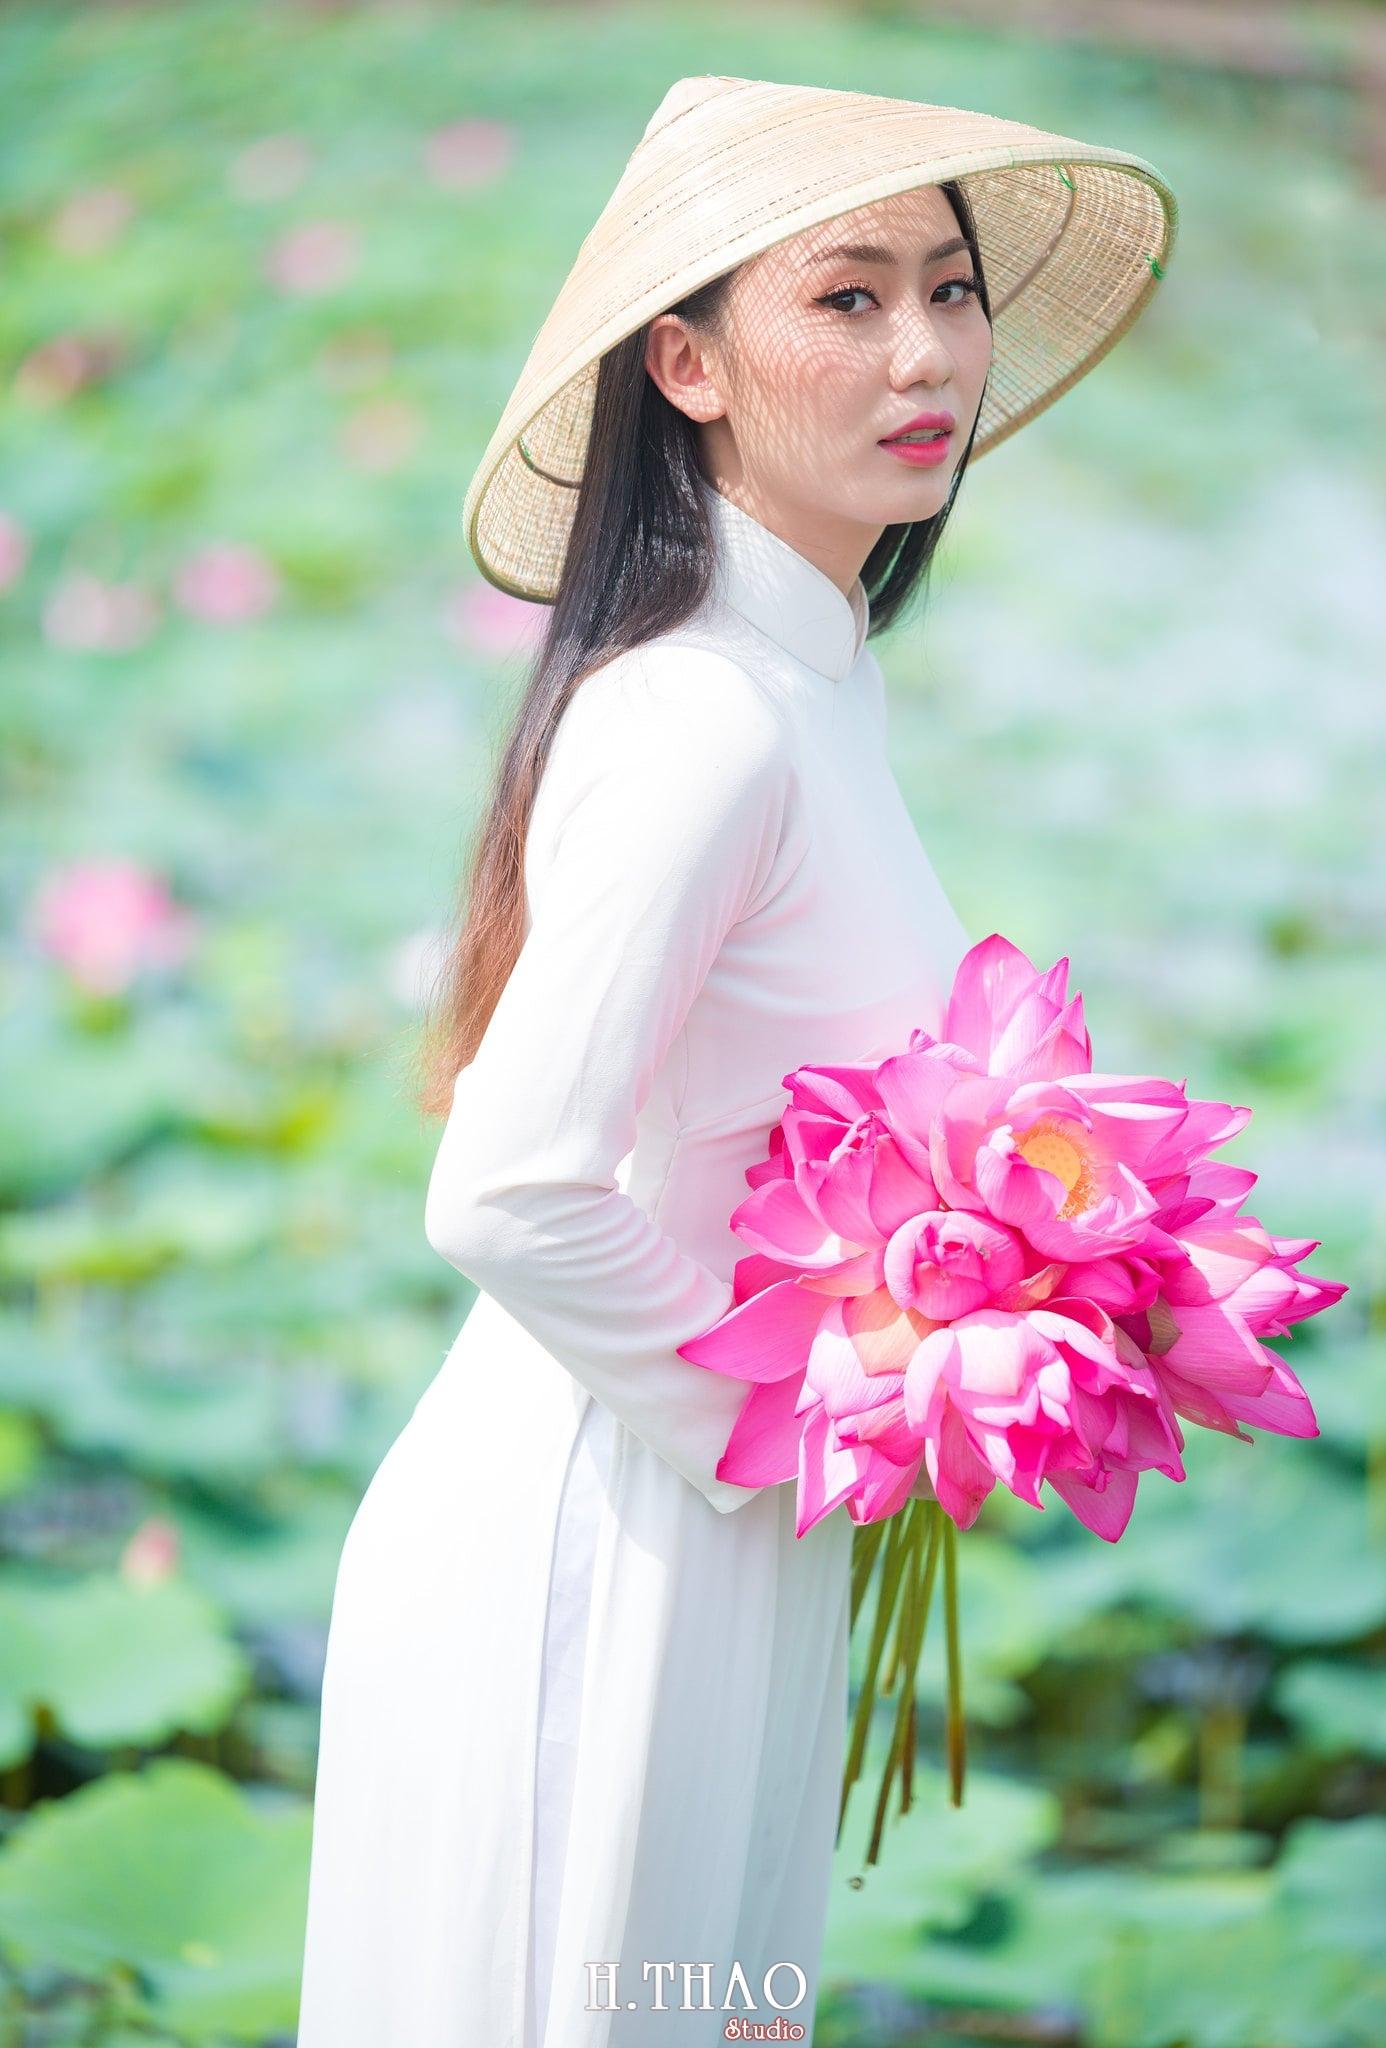 Chup hinh hoa sen 5 - Góc ảnh thiếu nữ bên hoa sen tam đa quận 9 tuyệt đẹp - HThao Studio